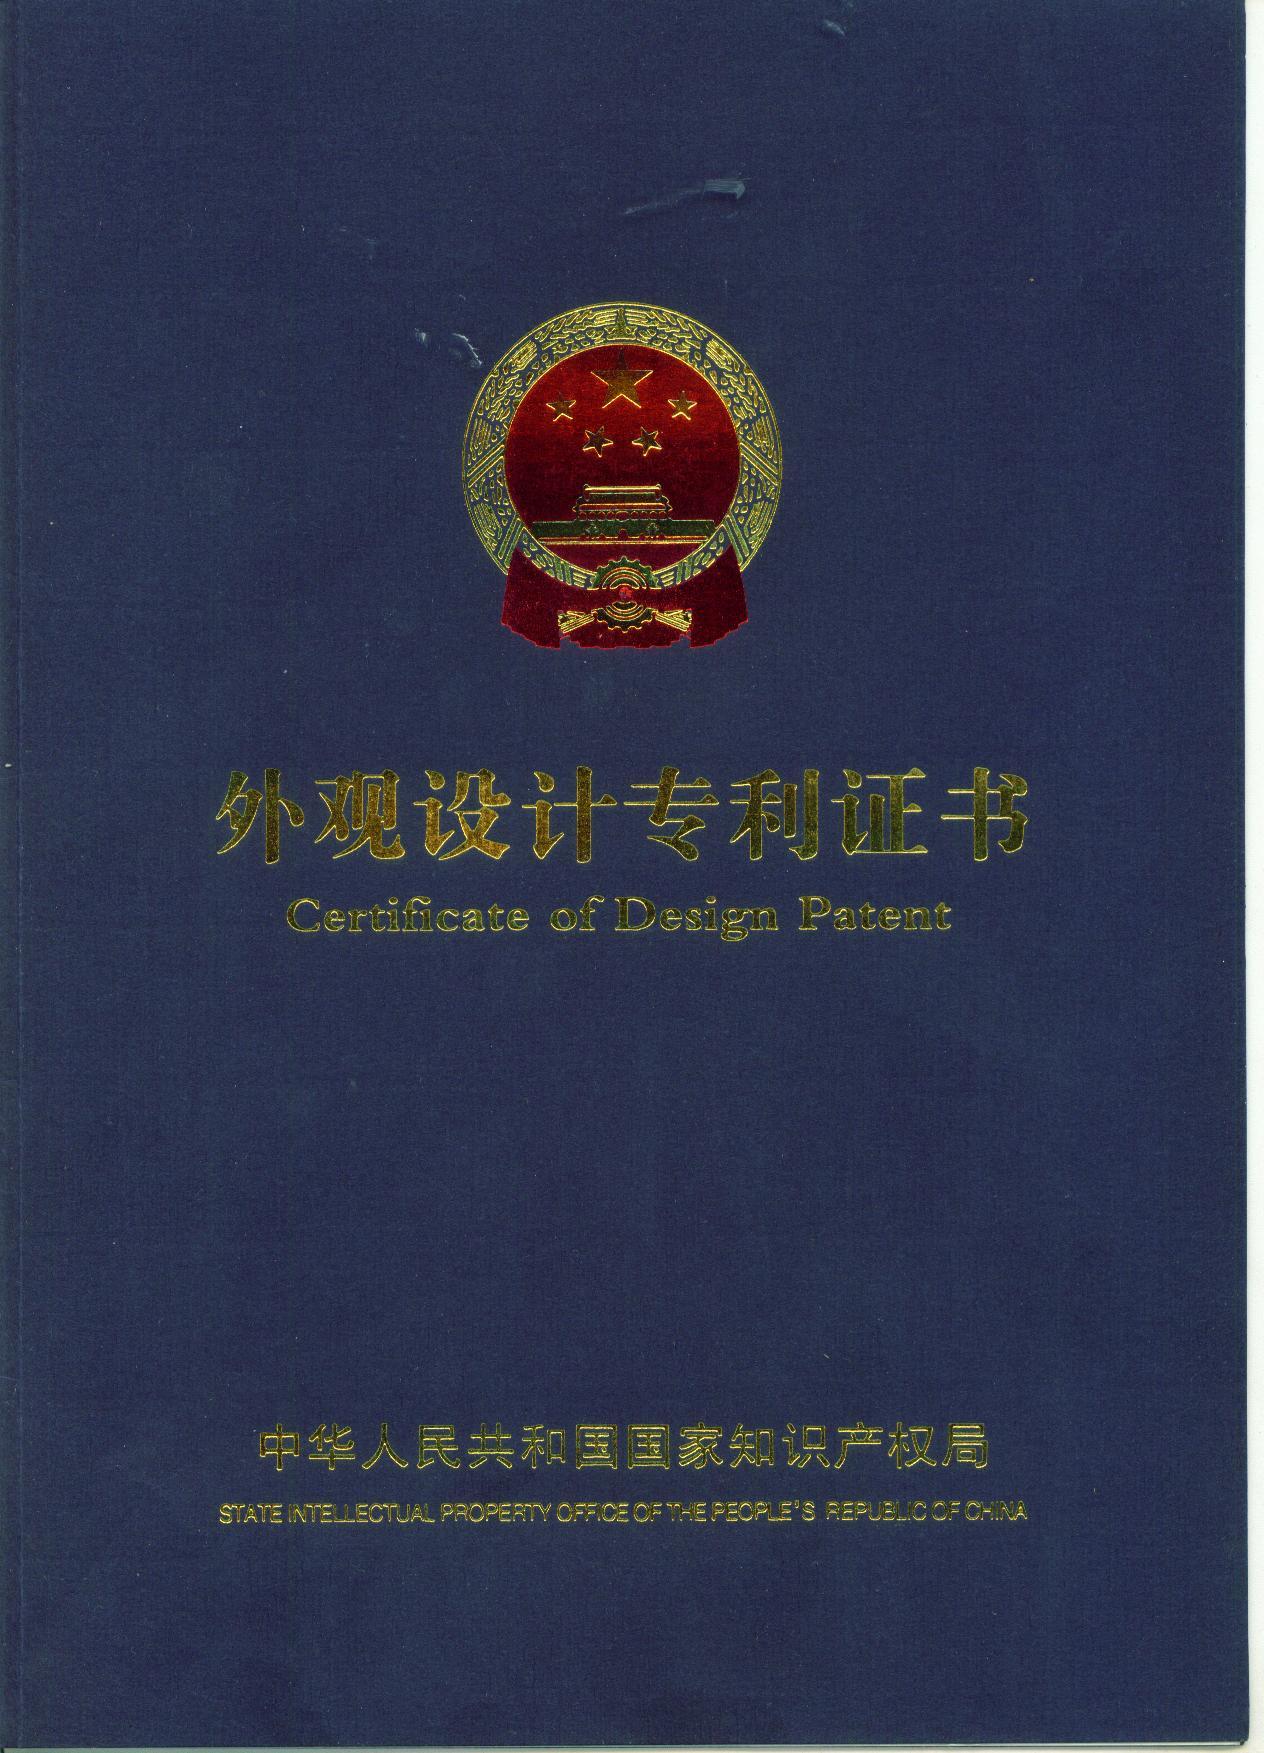 TC98外形专利